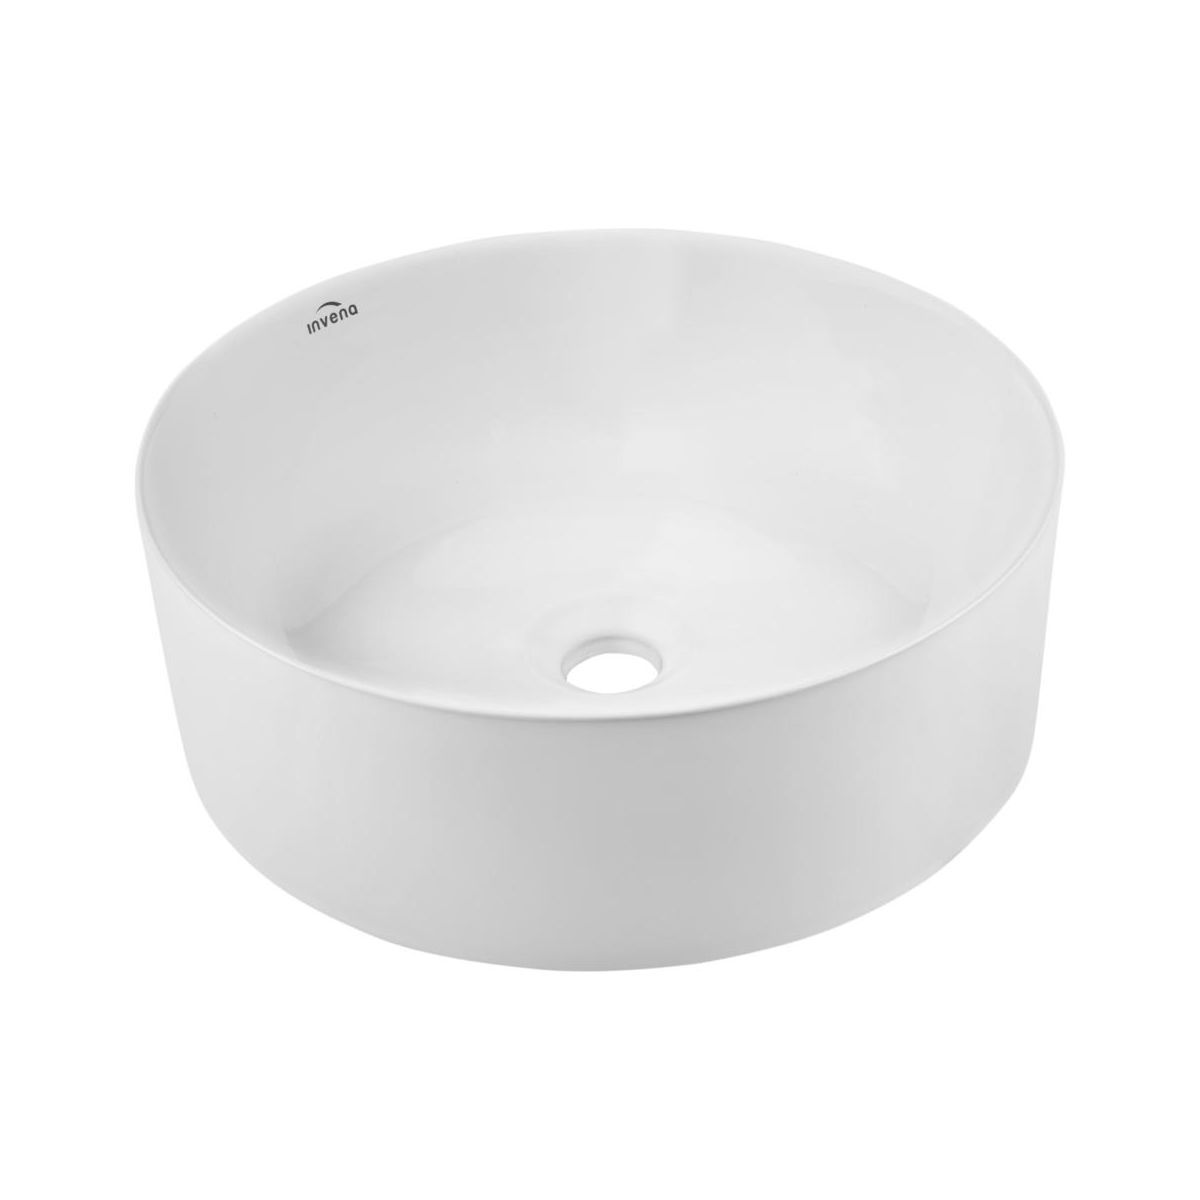 Umywalka Nablatowa 41 5 Invena Ce 14 001 Keto Umywalki W Atrakcyjnej Cenie W Sklepach Leroy Merlin Garden Pots Garden Pot Tray Pot